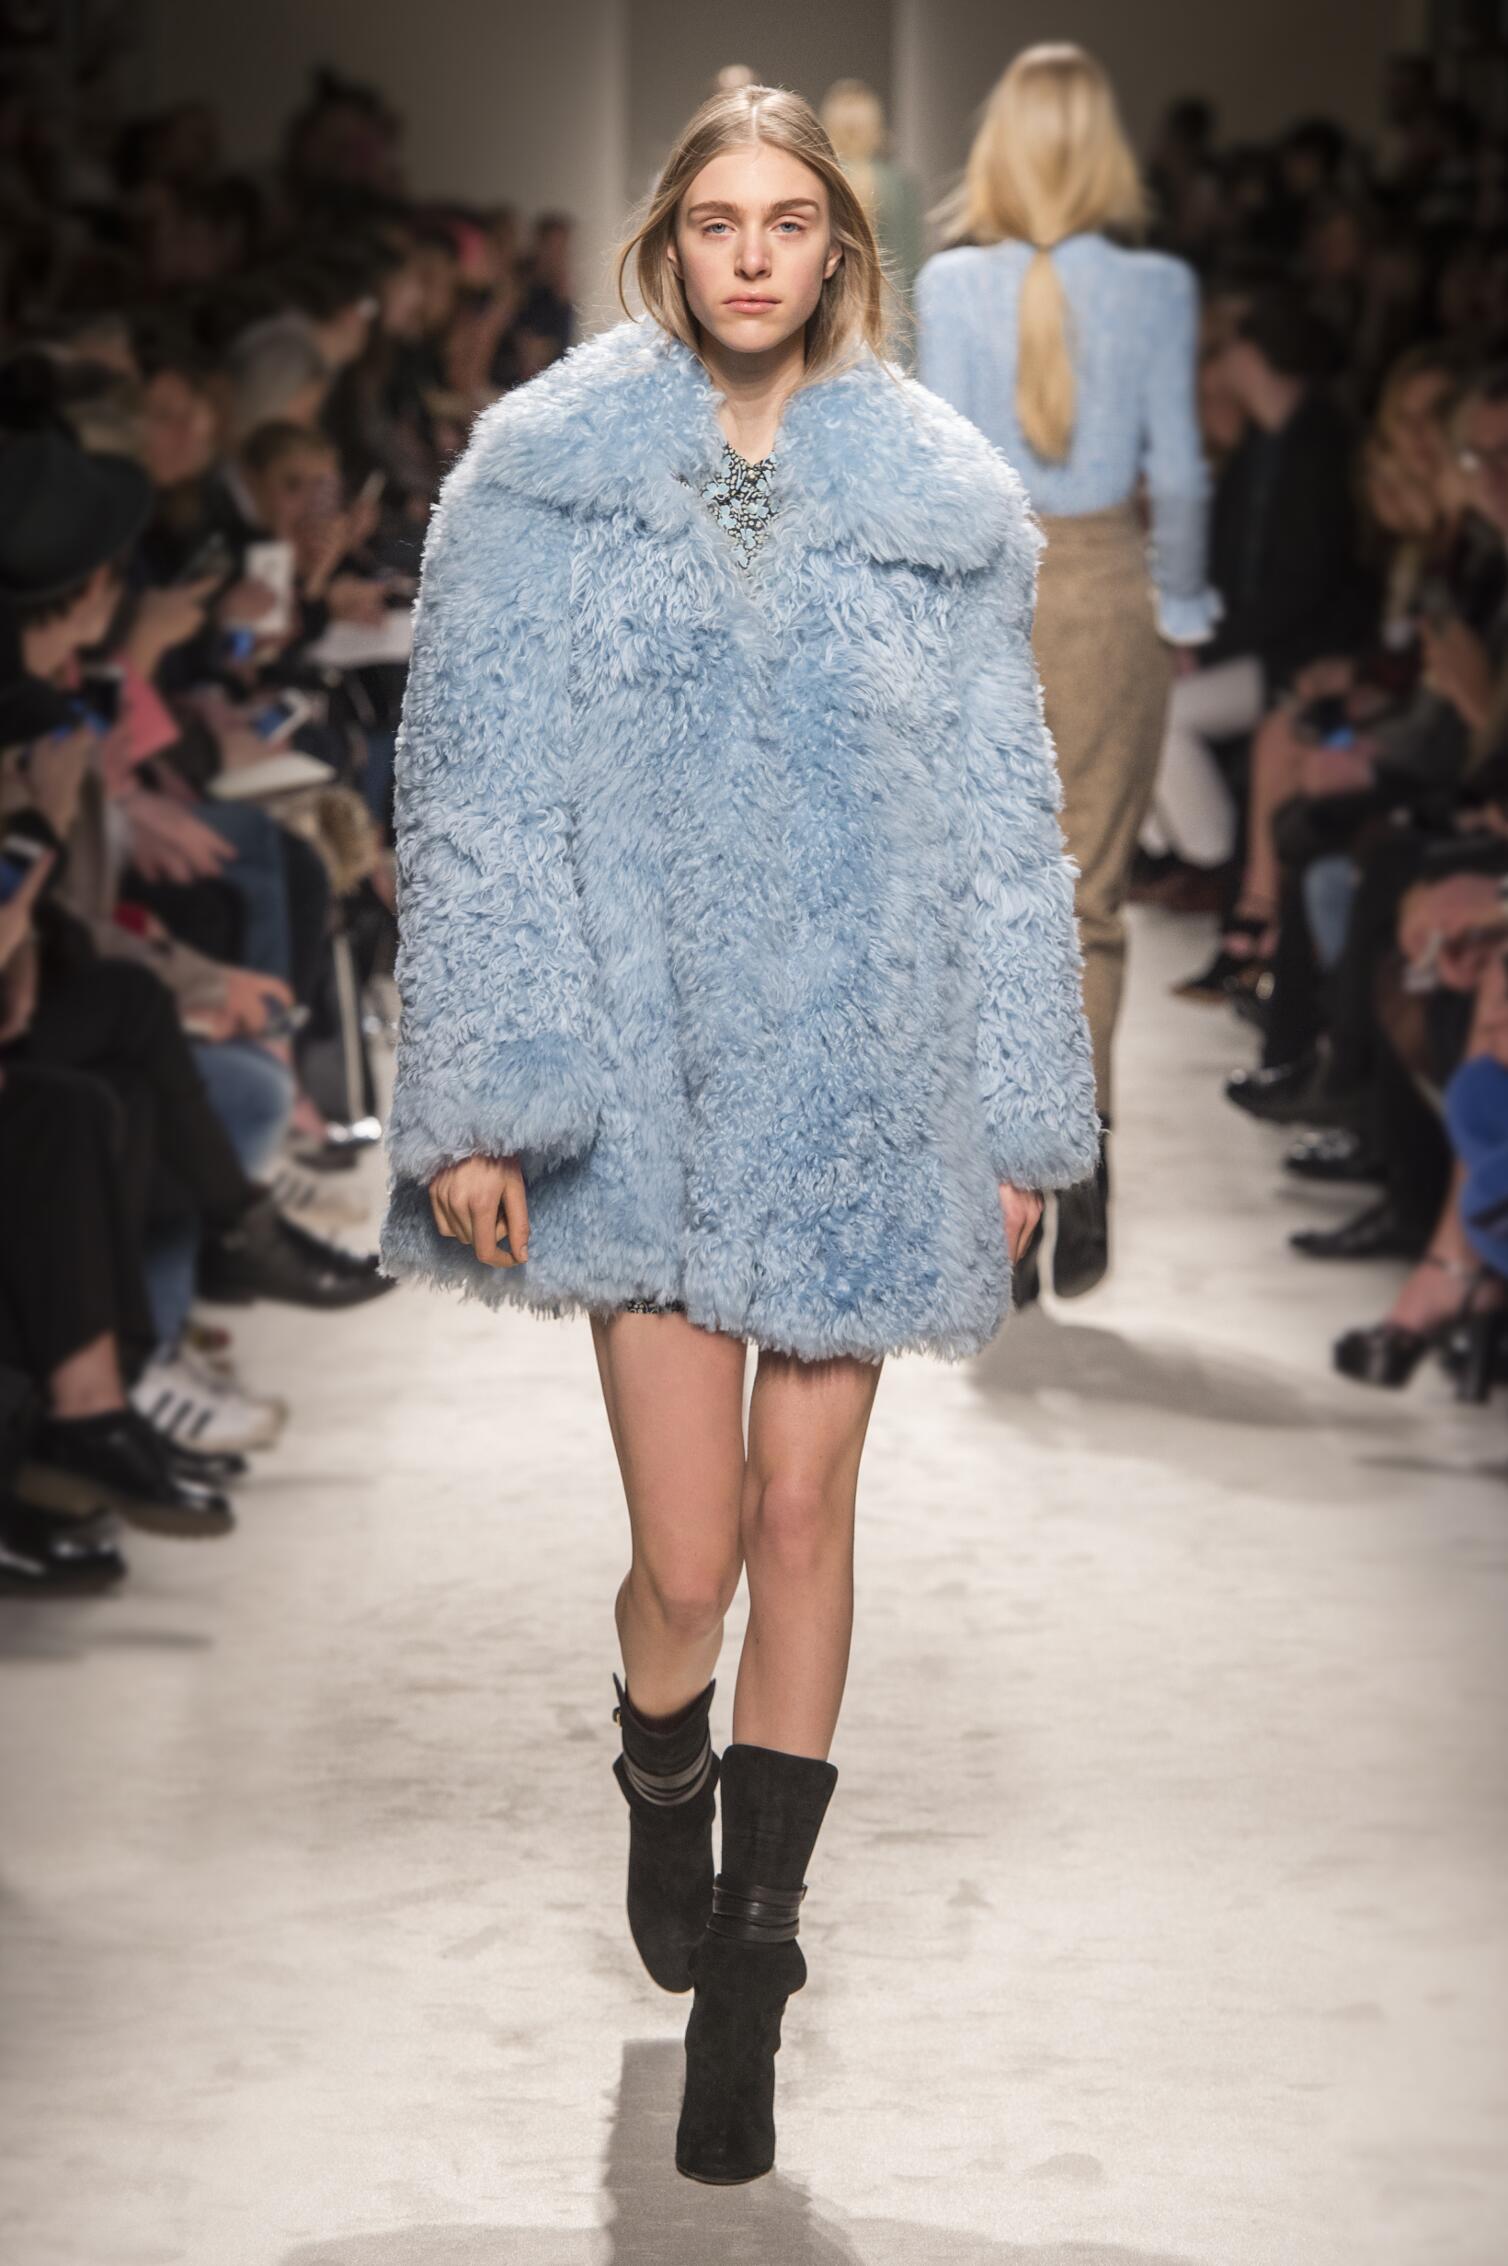 Winter 2015 Fashion Trends Philosophy di Lorenzo Serafini Collection